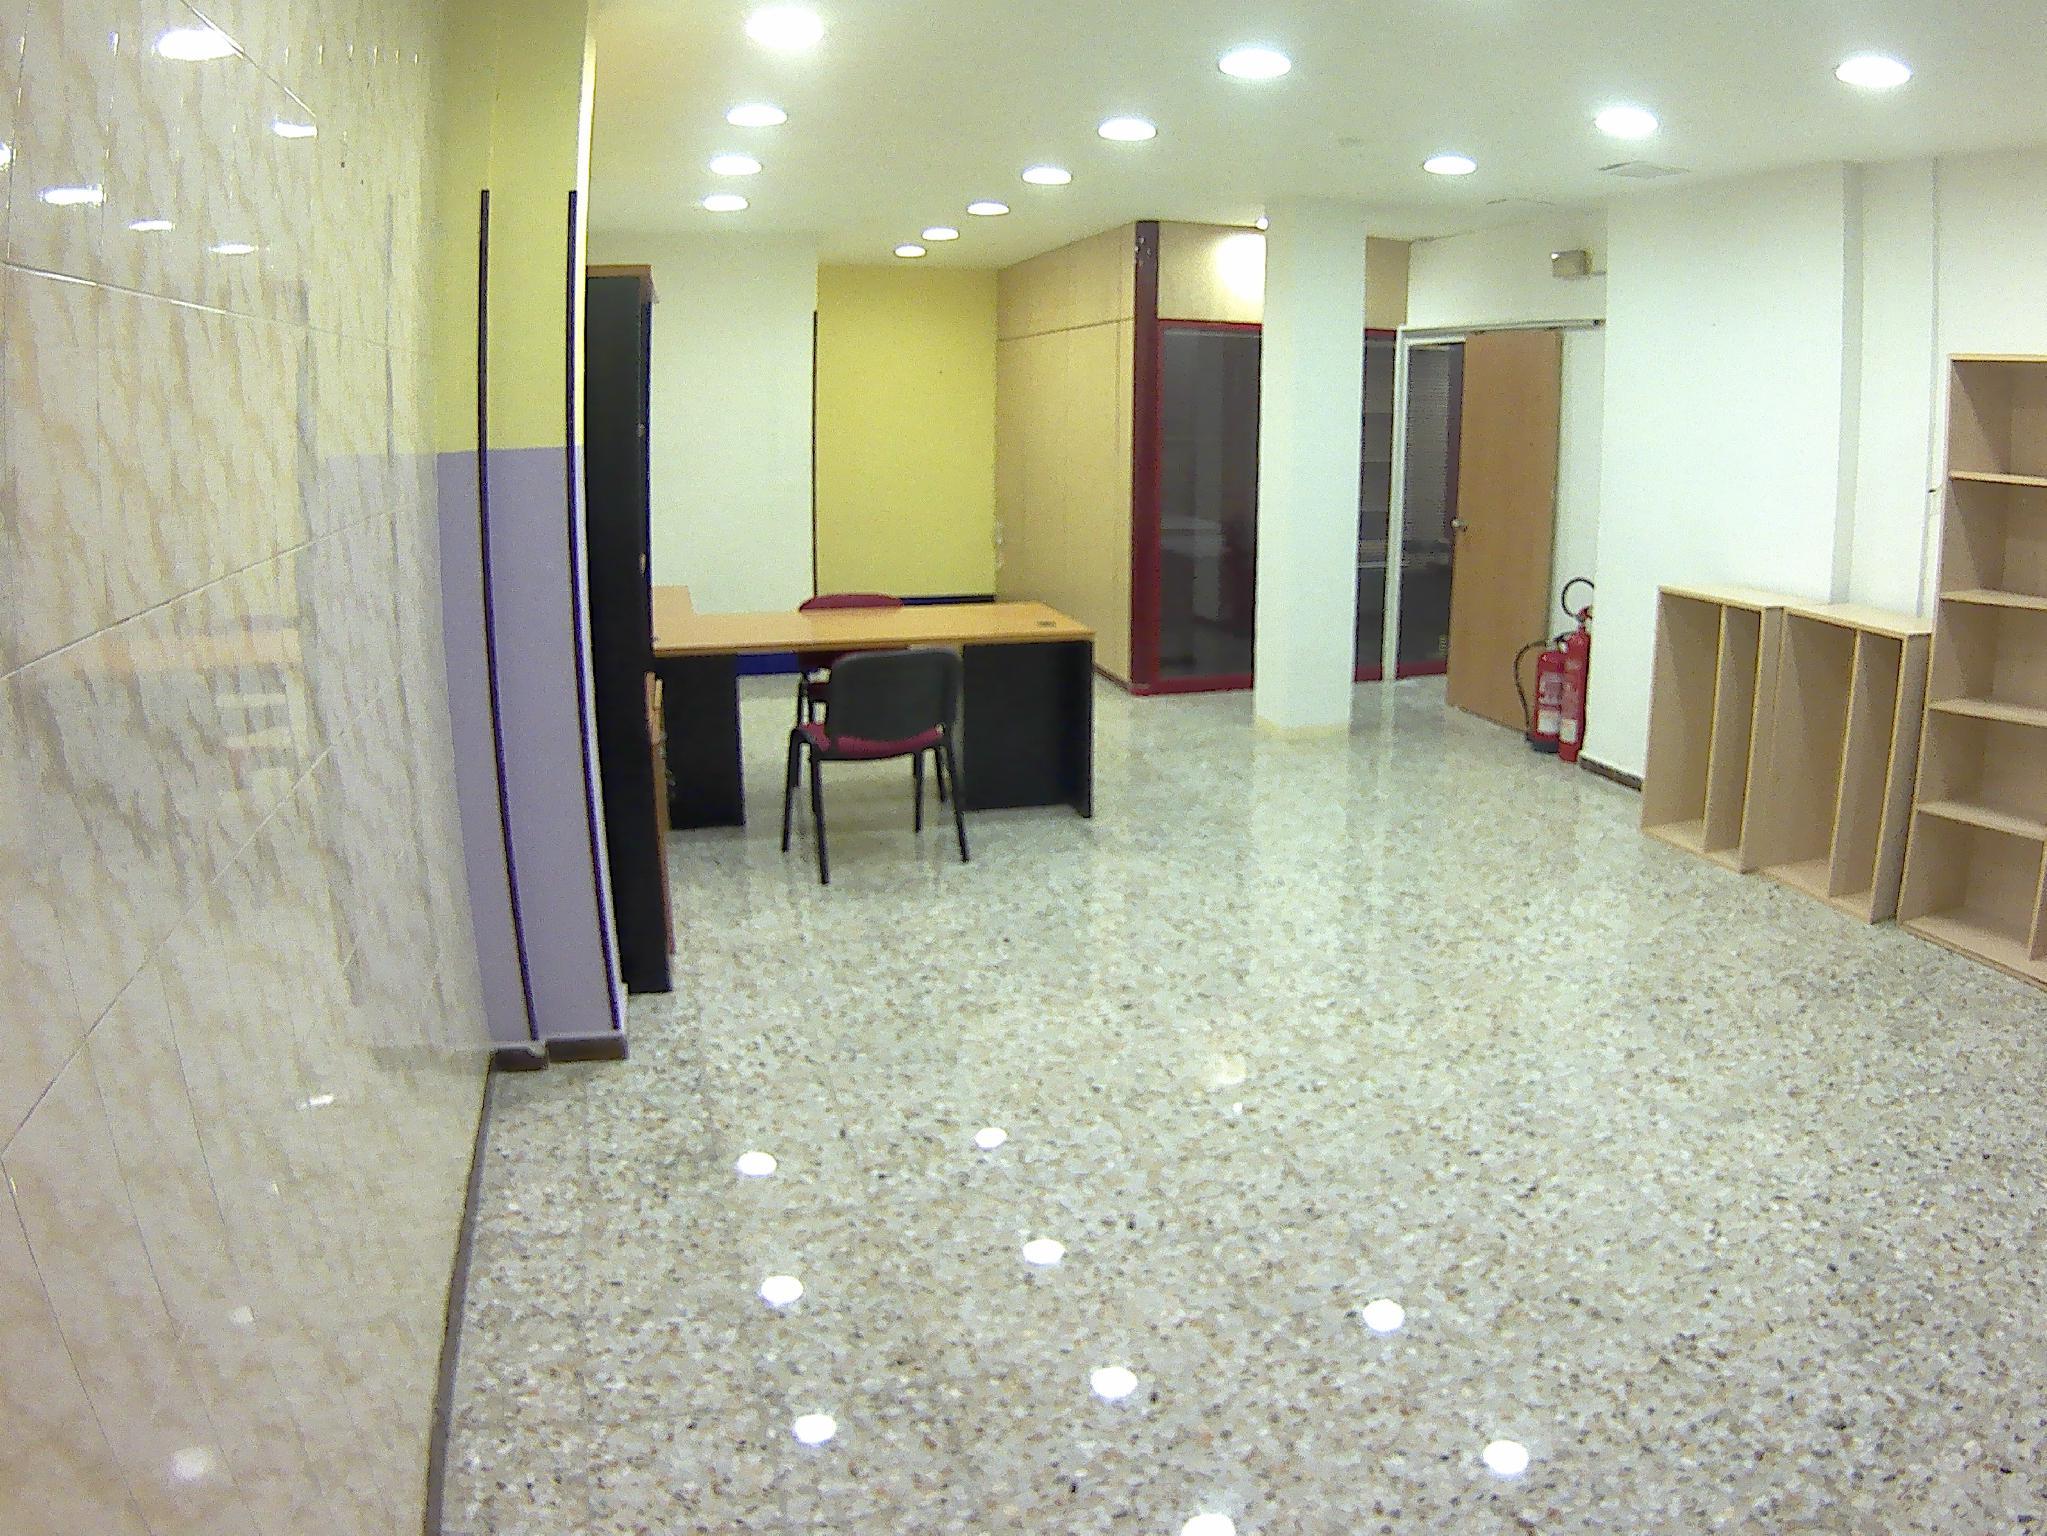 Pisocasas Com Inmobiliaria Don_piso_zaragoza_centro En Zaragoza # Muebles Jesus Santiago Ribeira